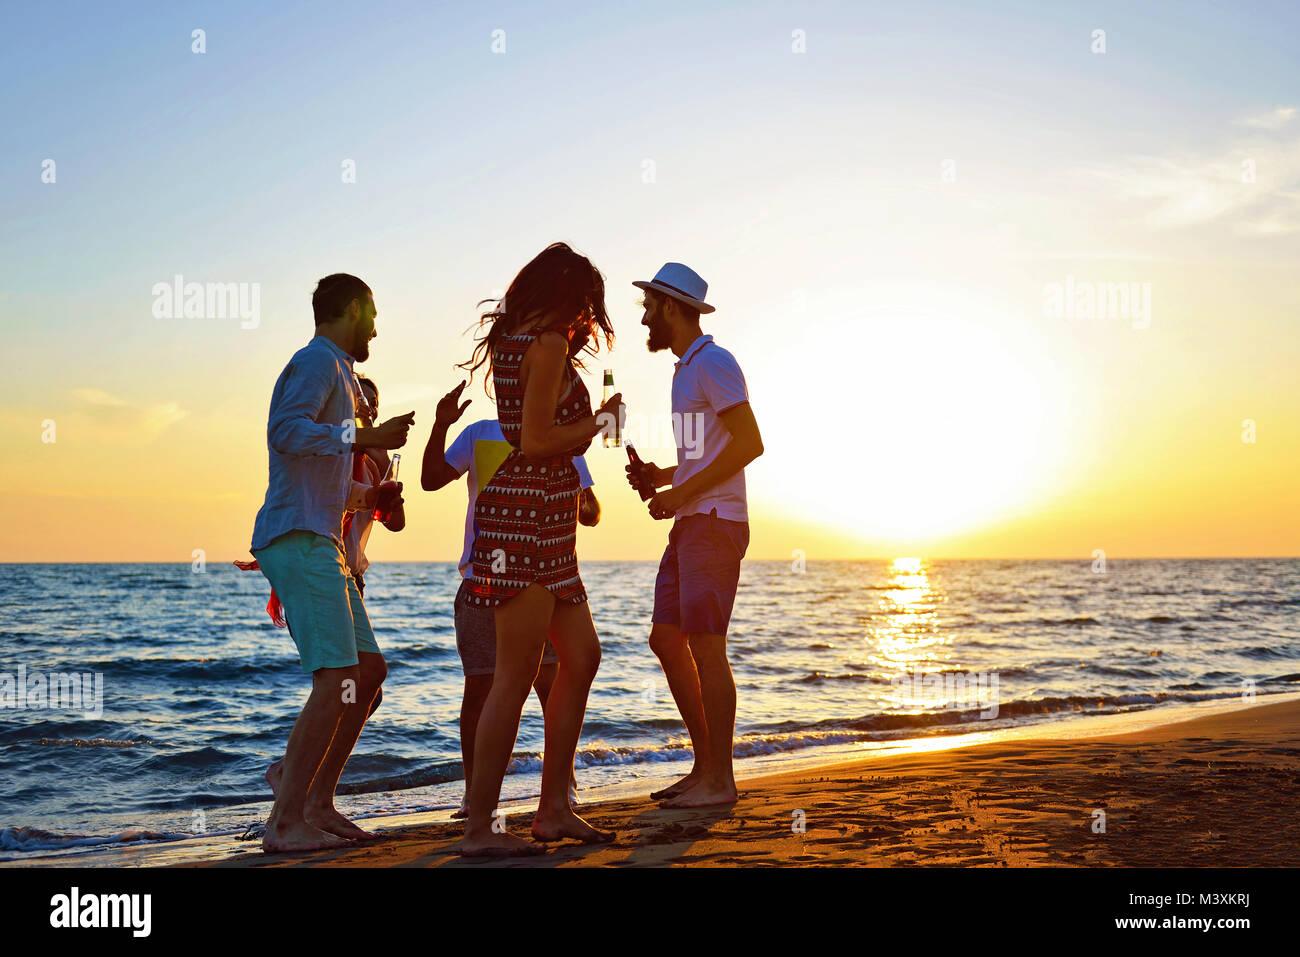 La gente Fiesta Beach Party Concepto de vacaciones vacaciones de verano Imagen De Stock